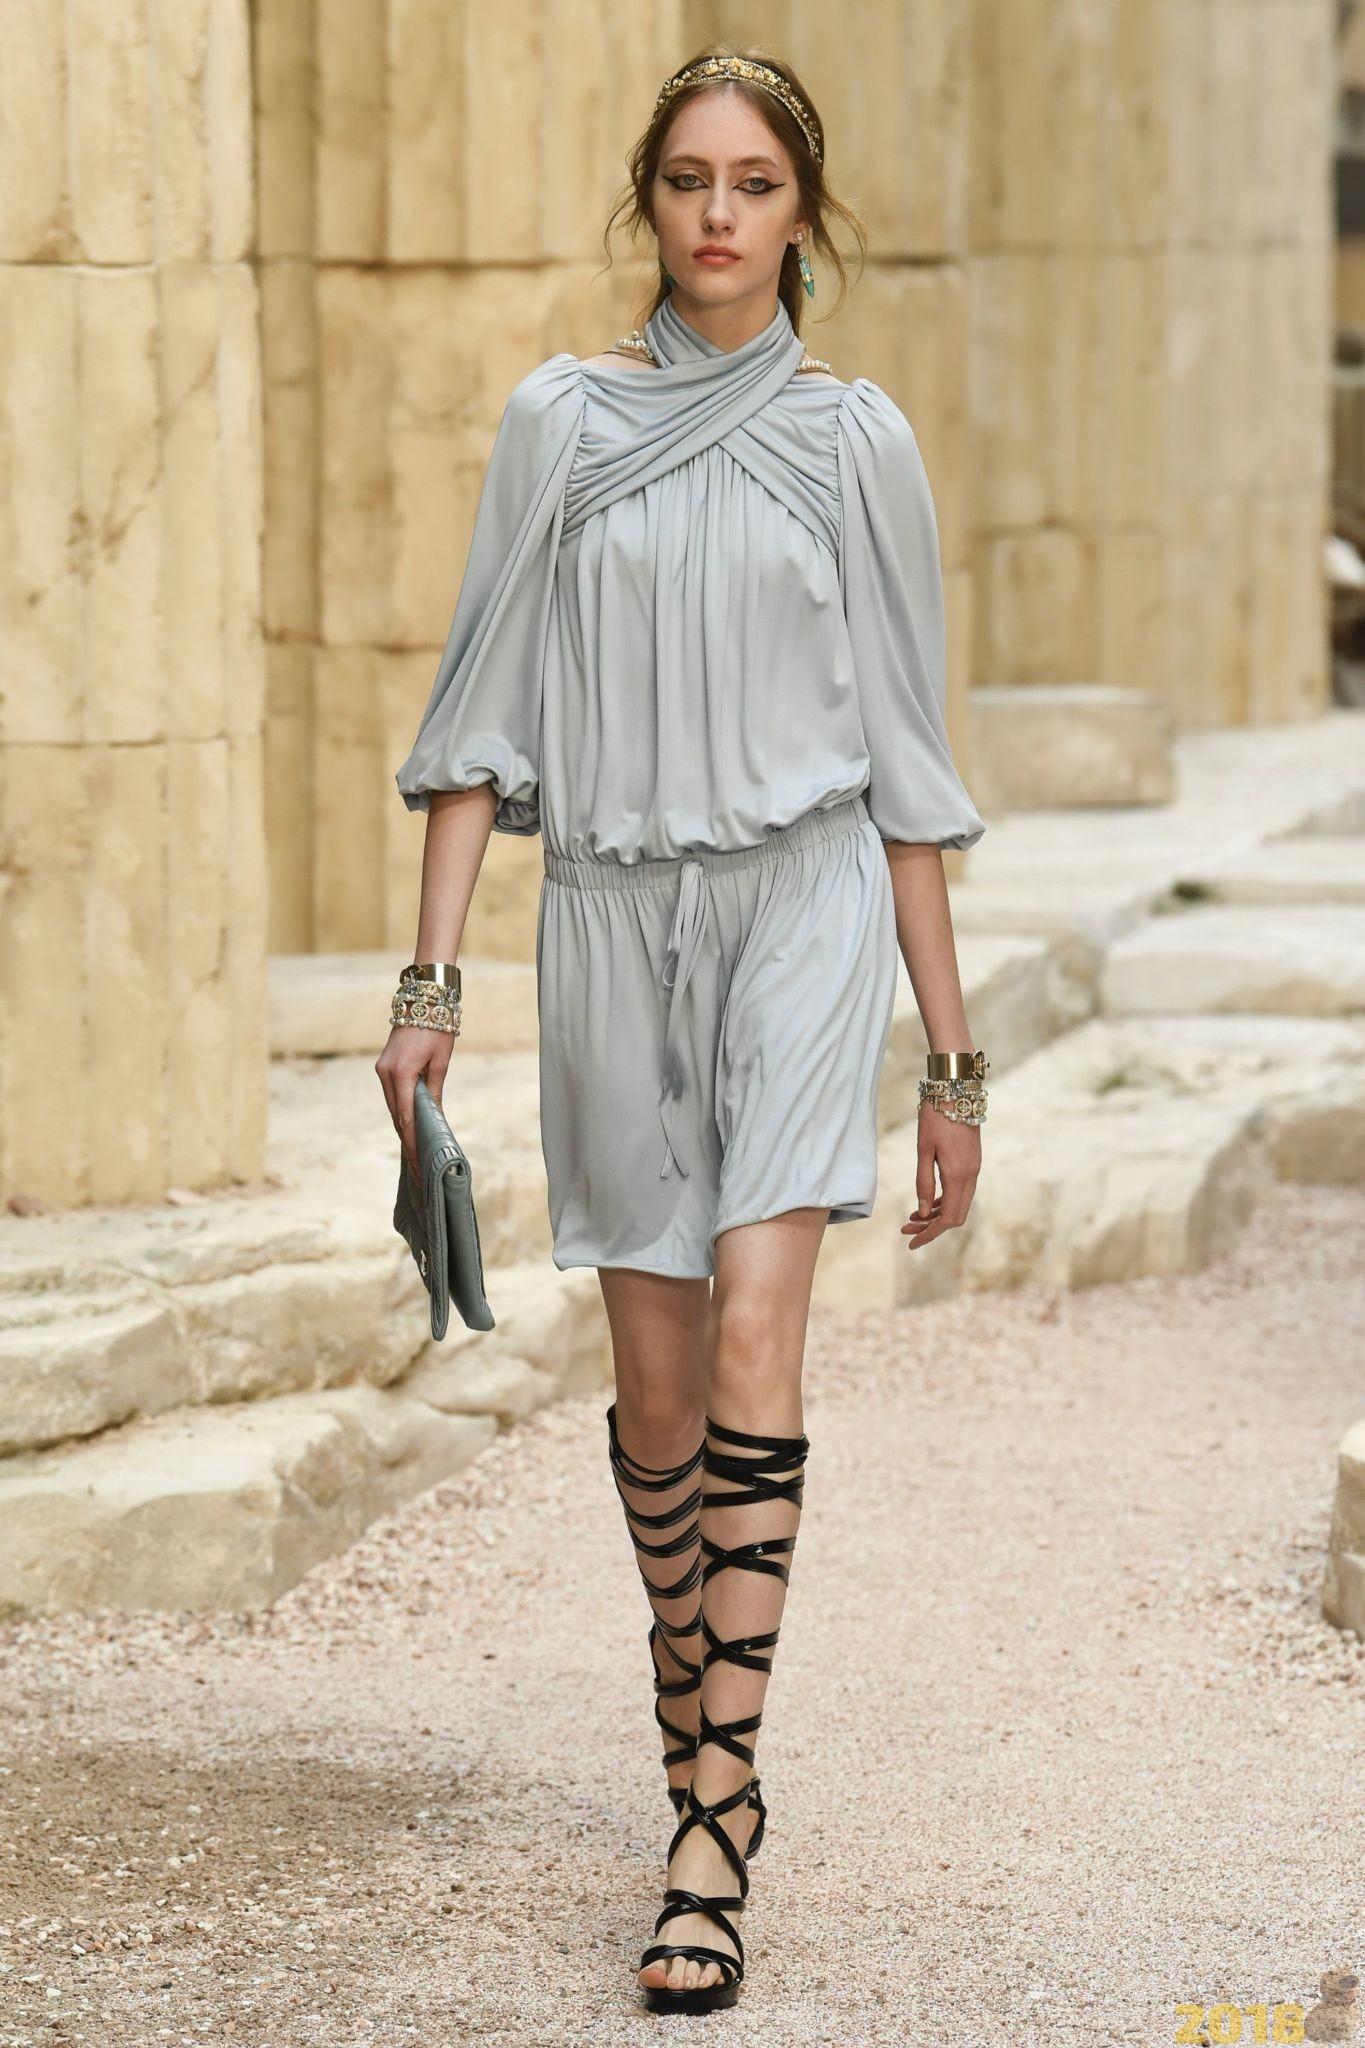 ffef0f03f66 La collection printemps-été Chanel 2018 a offert aux femmes de la mode les  images les plus diverses et les plus stylées